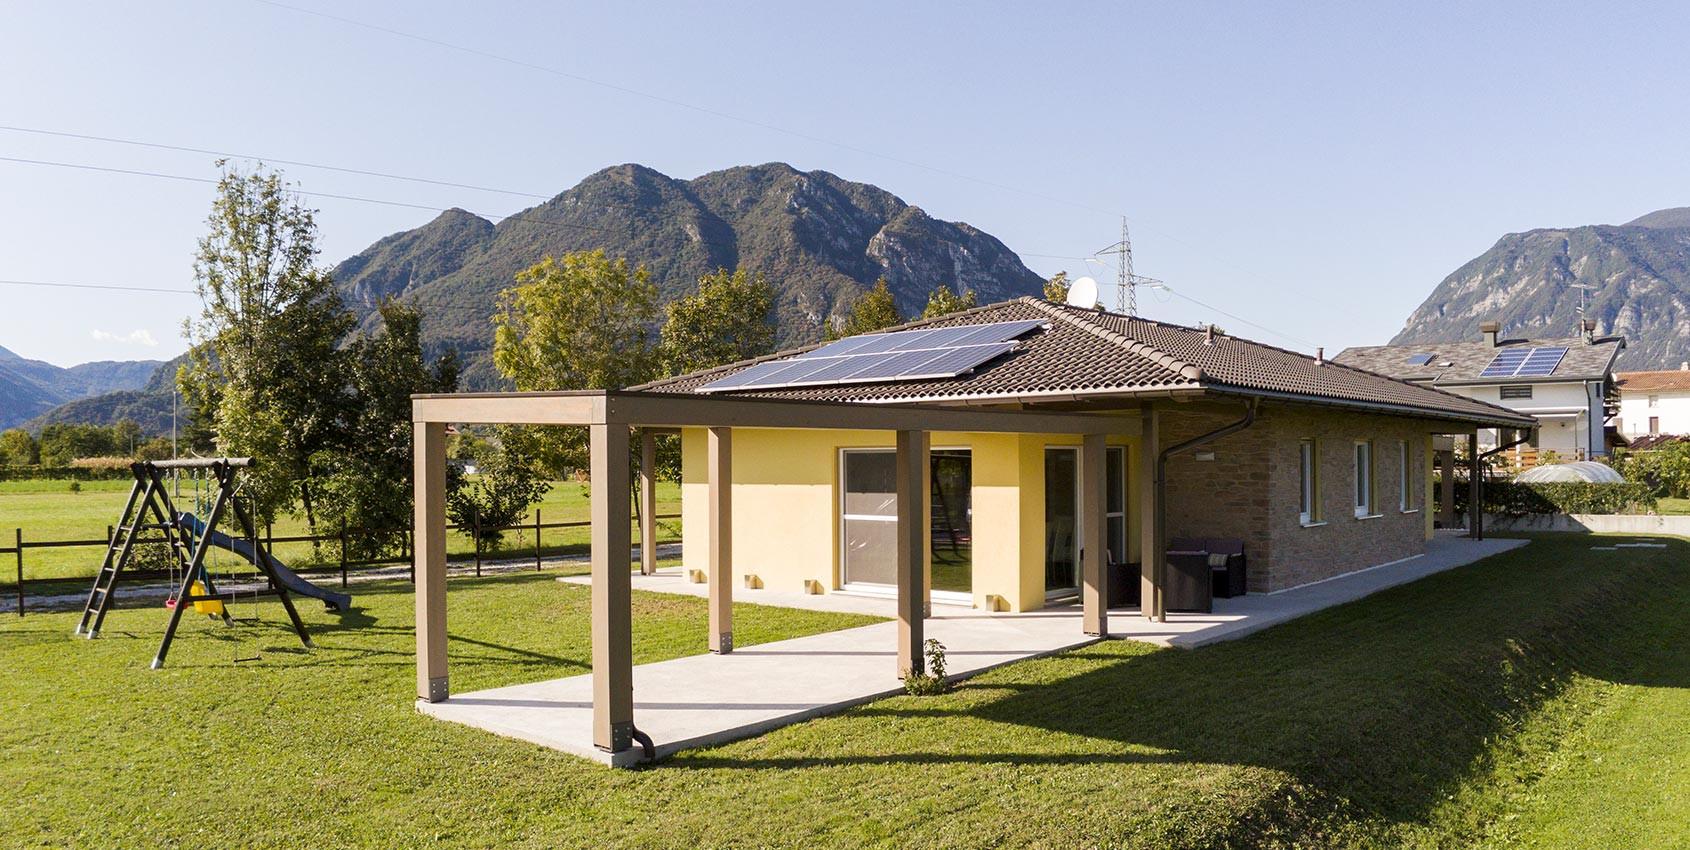 Wolf Haus Reggio Emilia casa unifamiliare in legno in provincia di udine - wolf haus